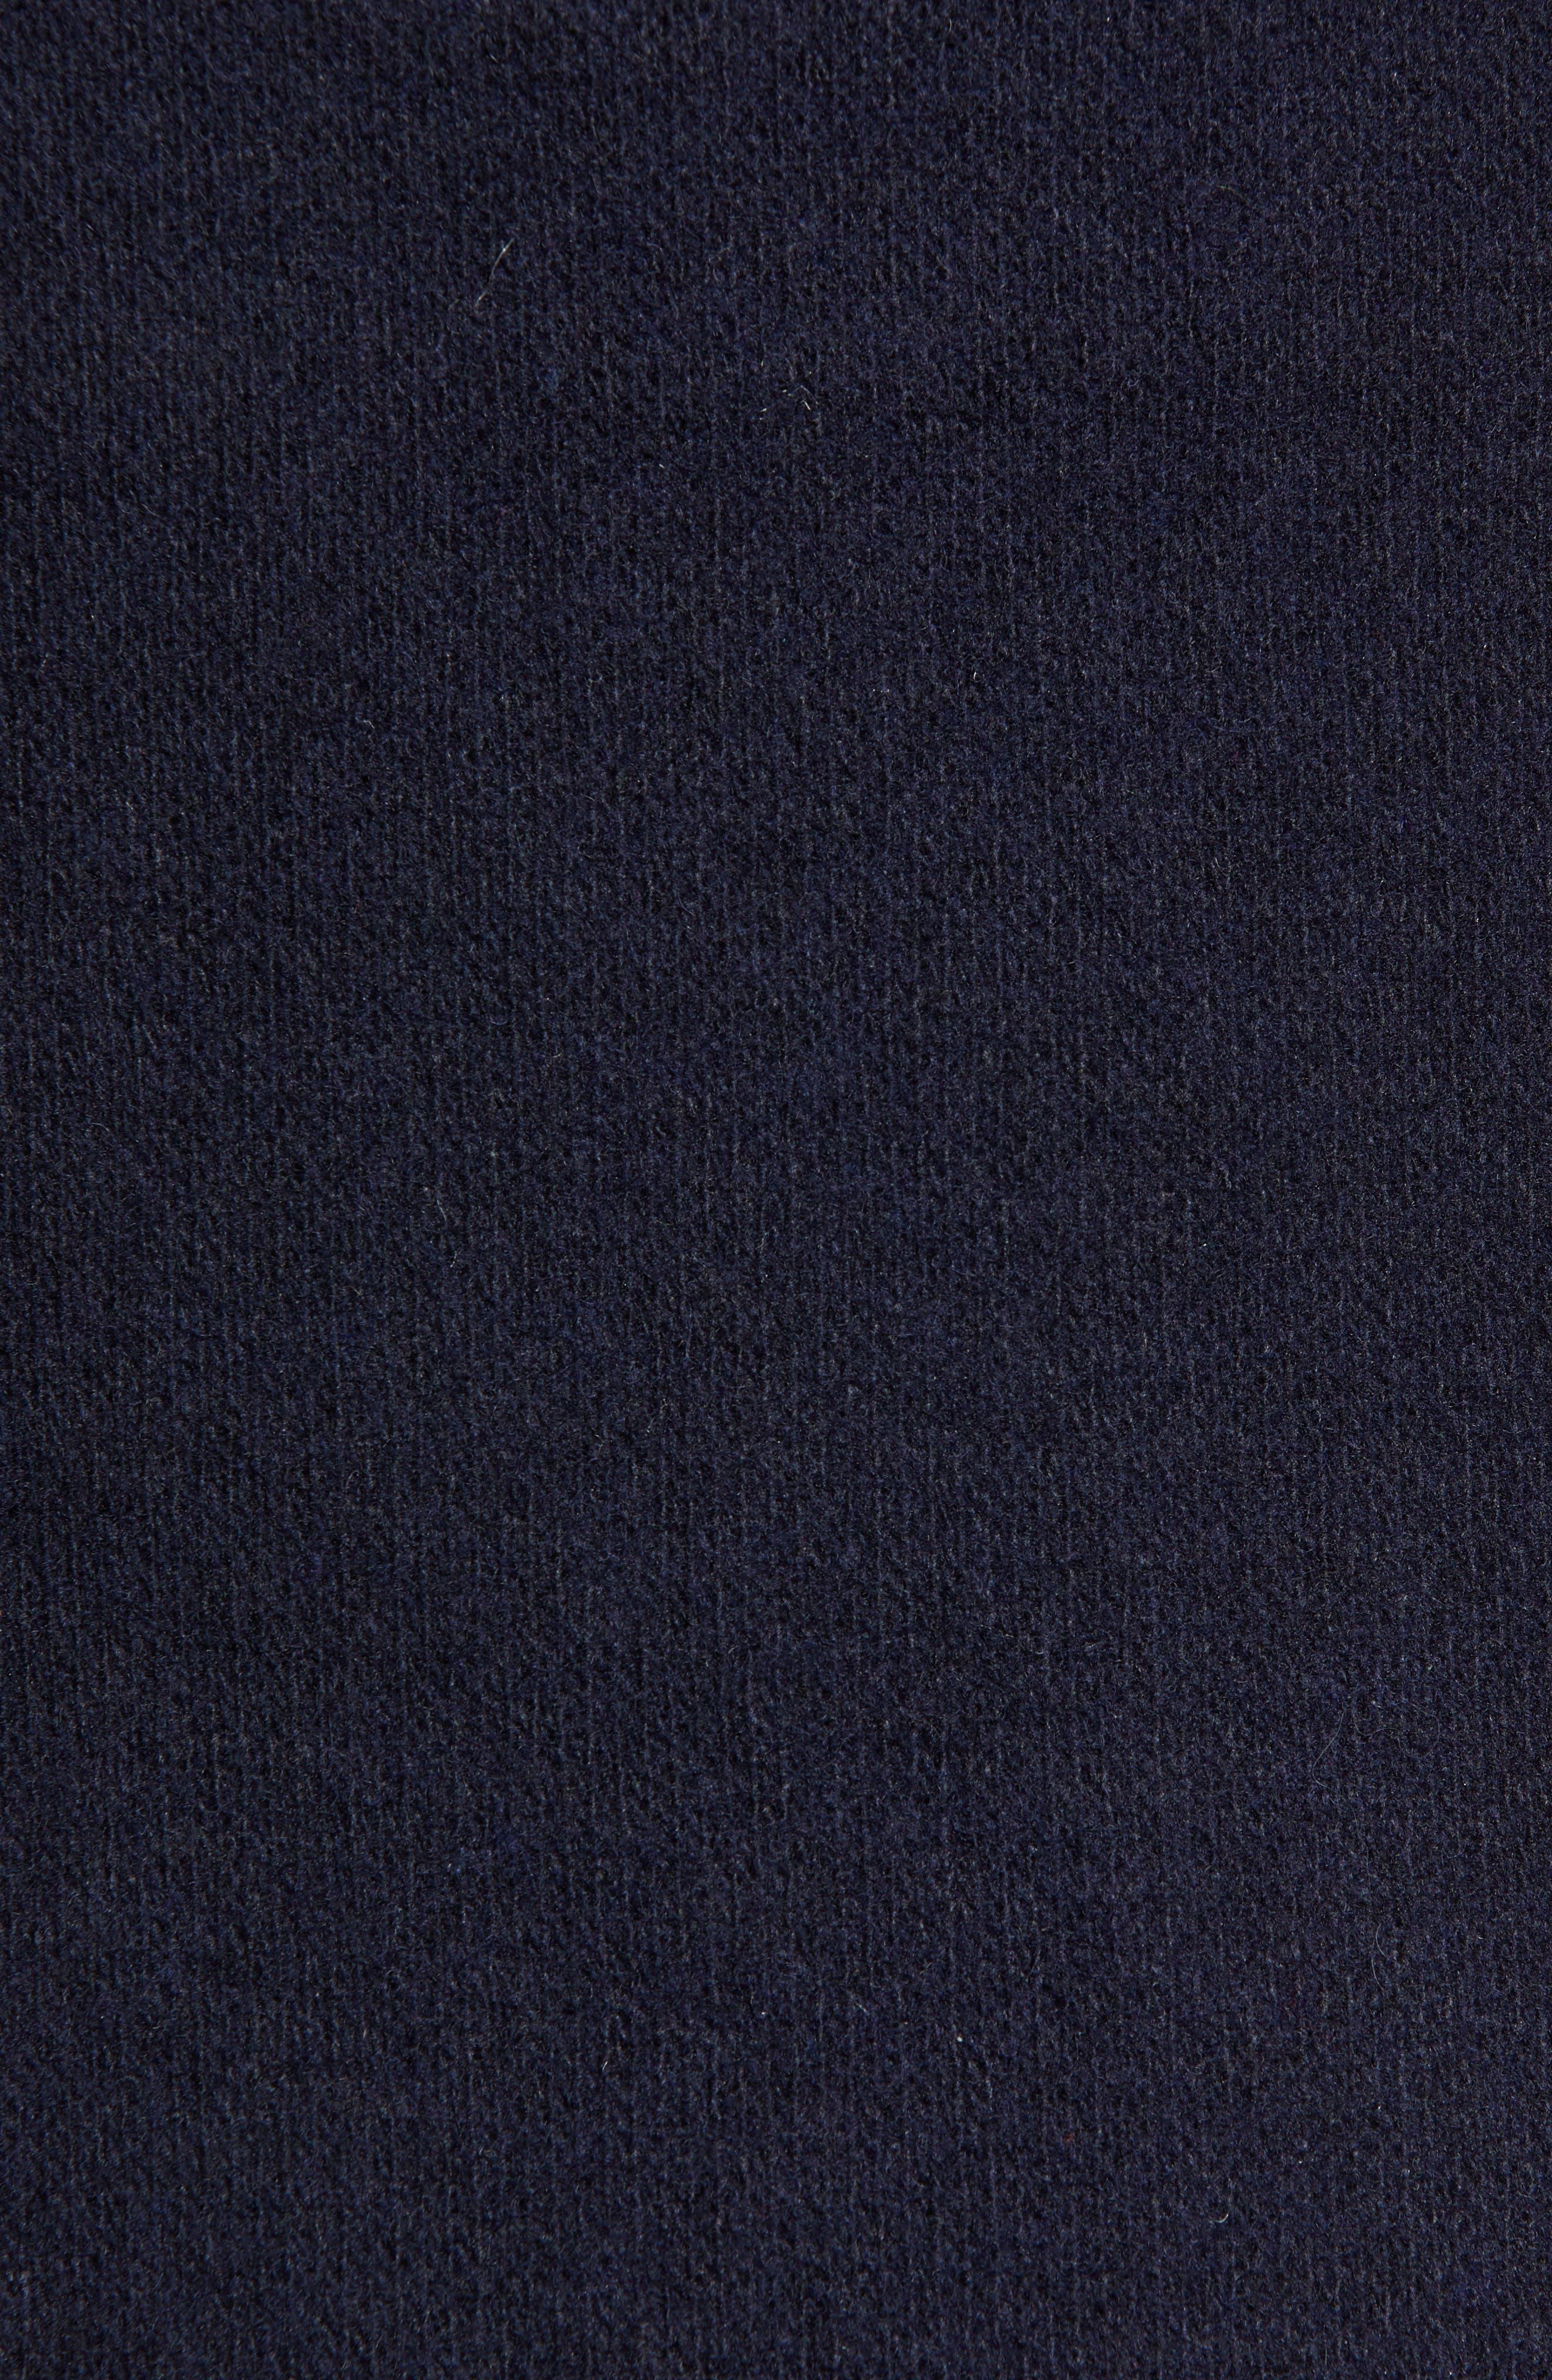 Casil Mixed Media Duffle Coat,                             Alternate thumbnail 6, color,                             BLUE